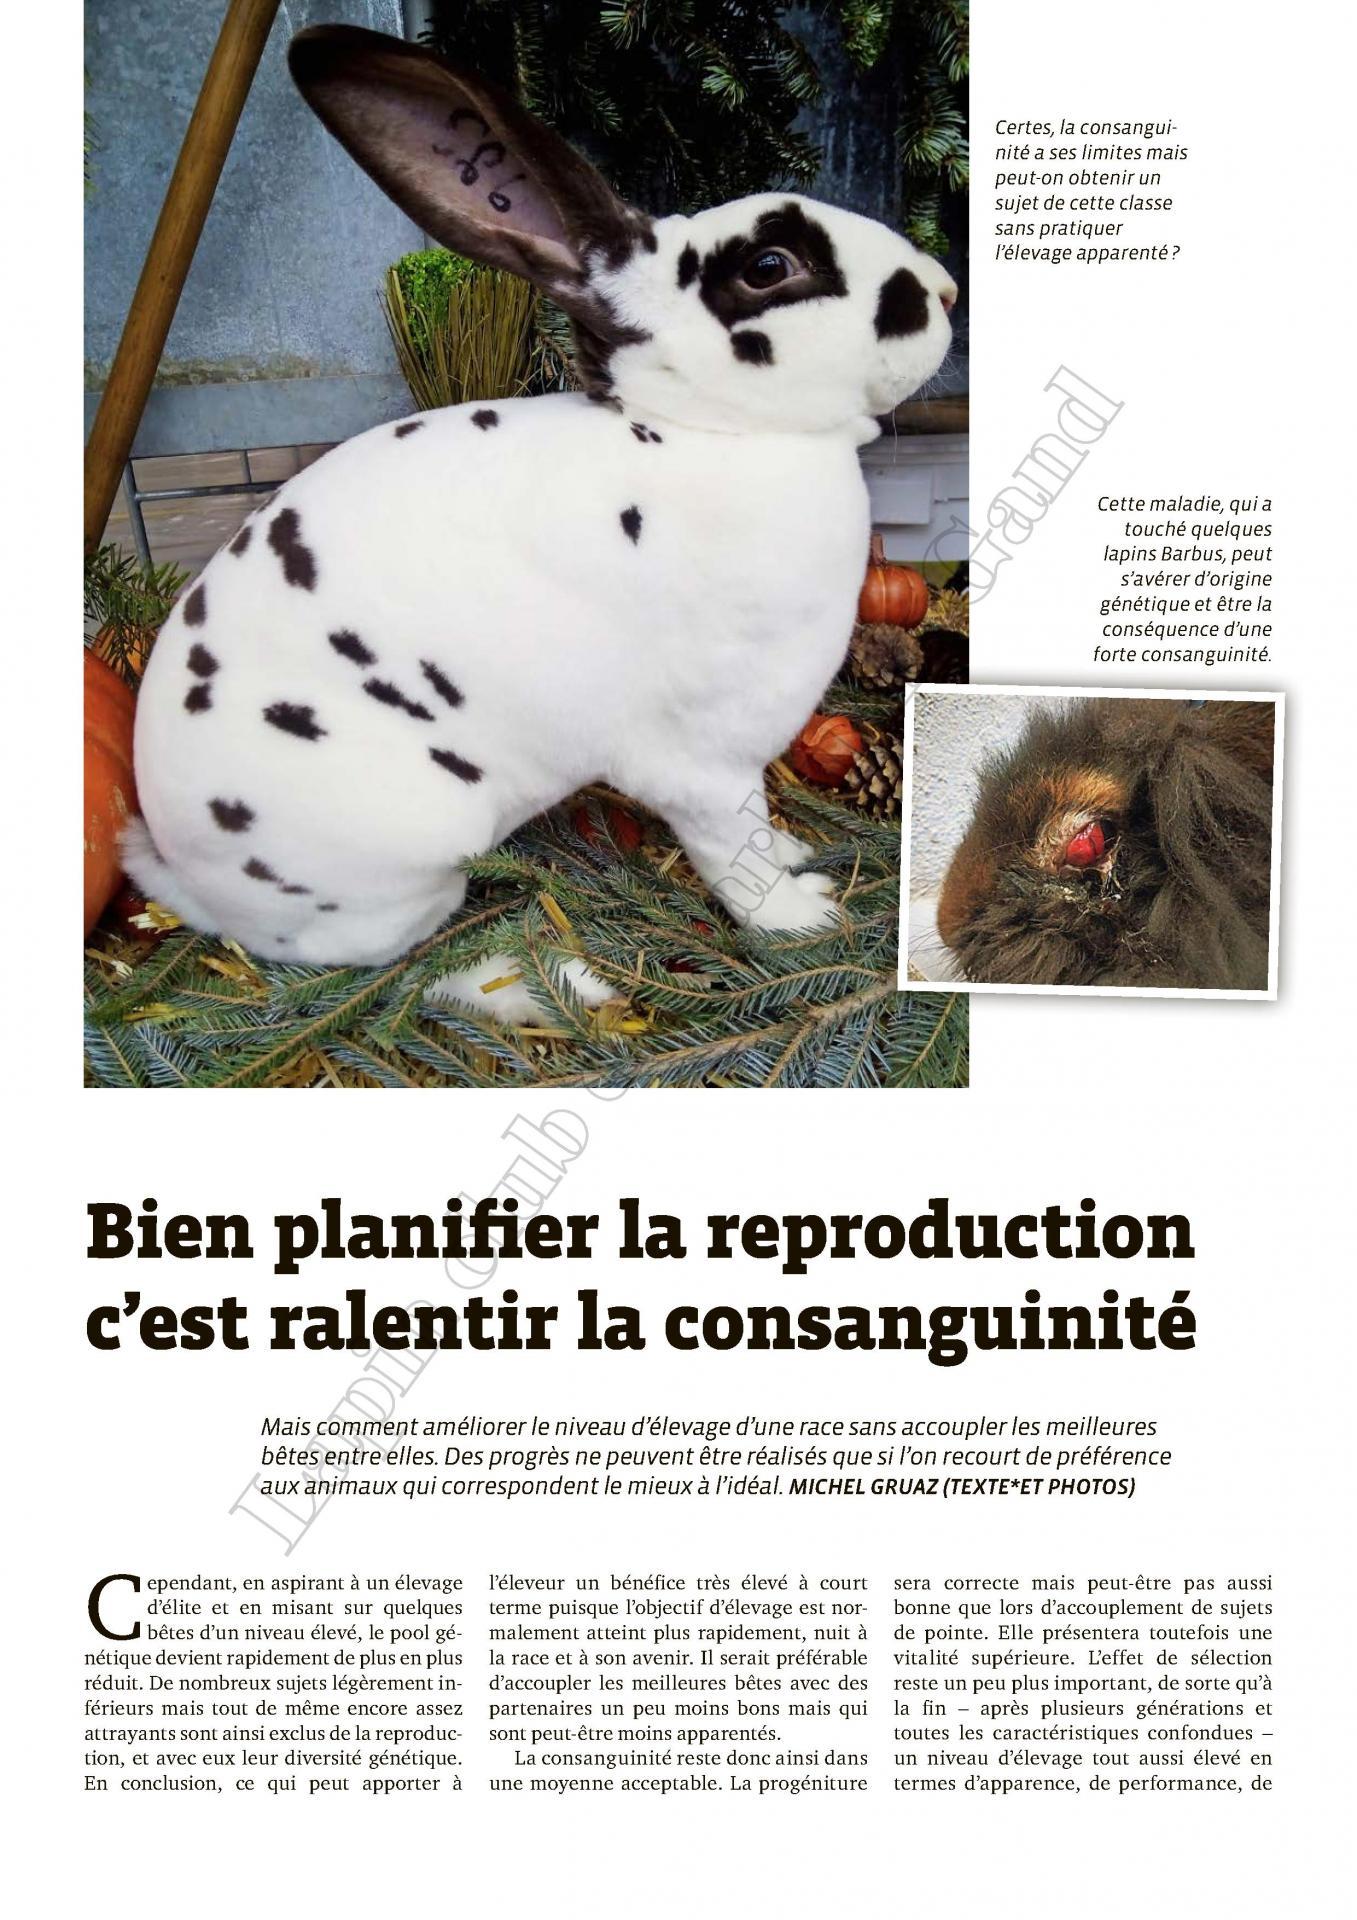 Bien planifier la reproduction c est ralentir la consanguinite 1